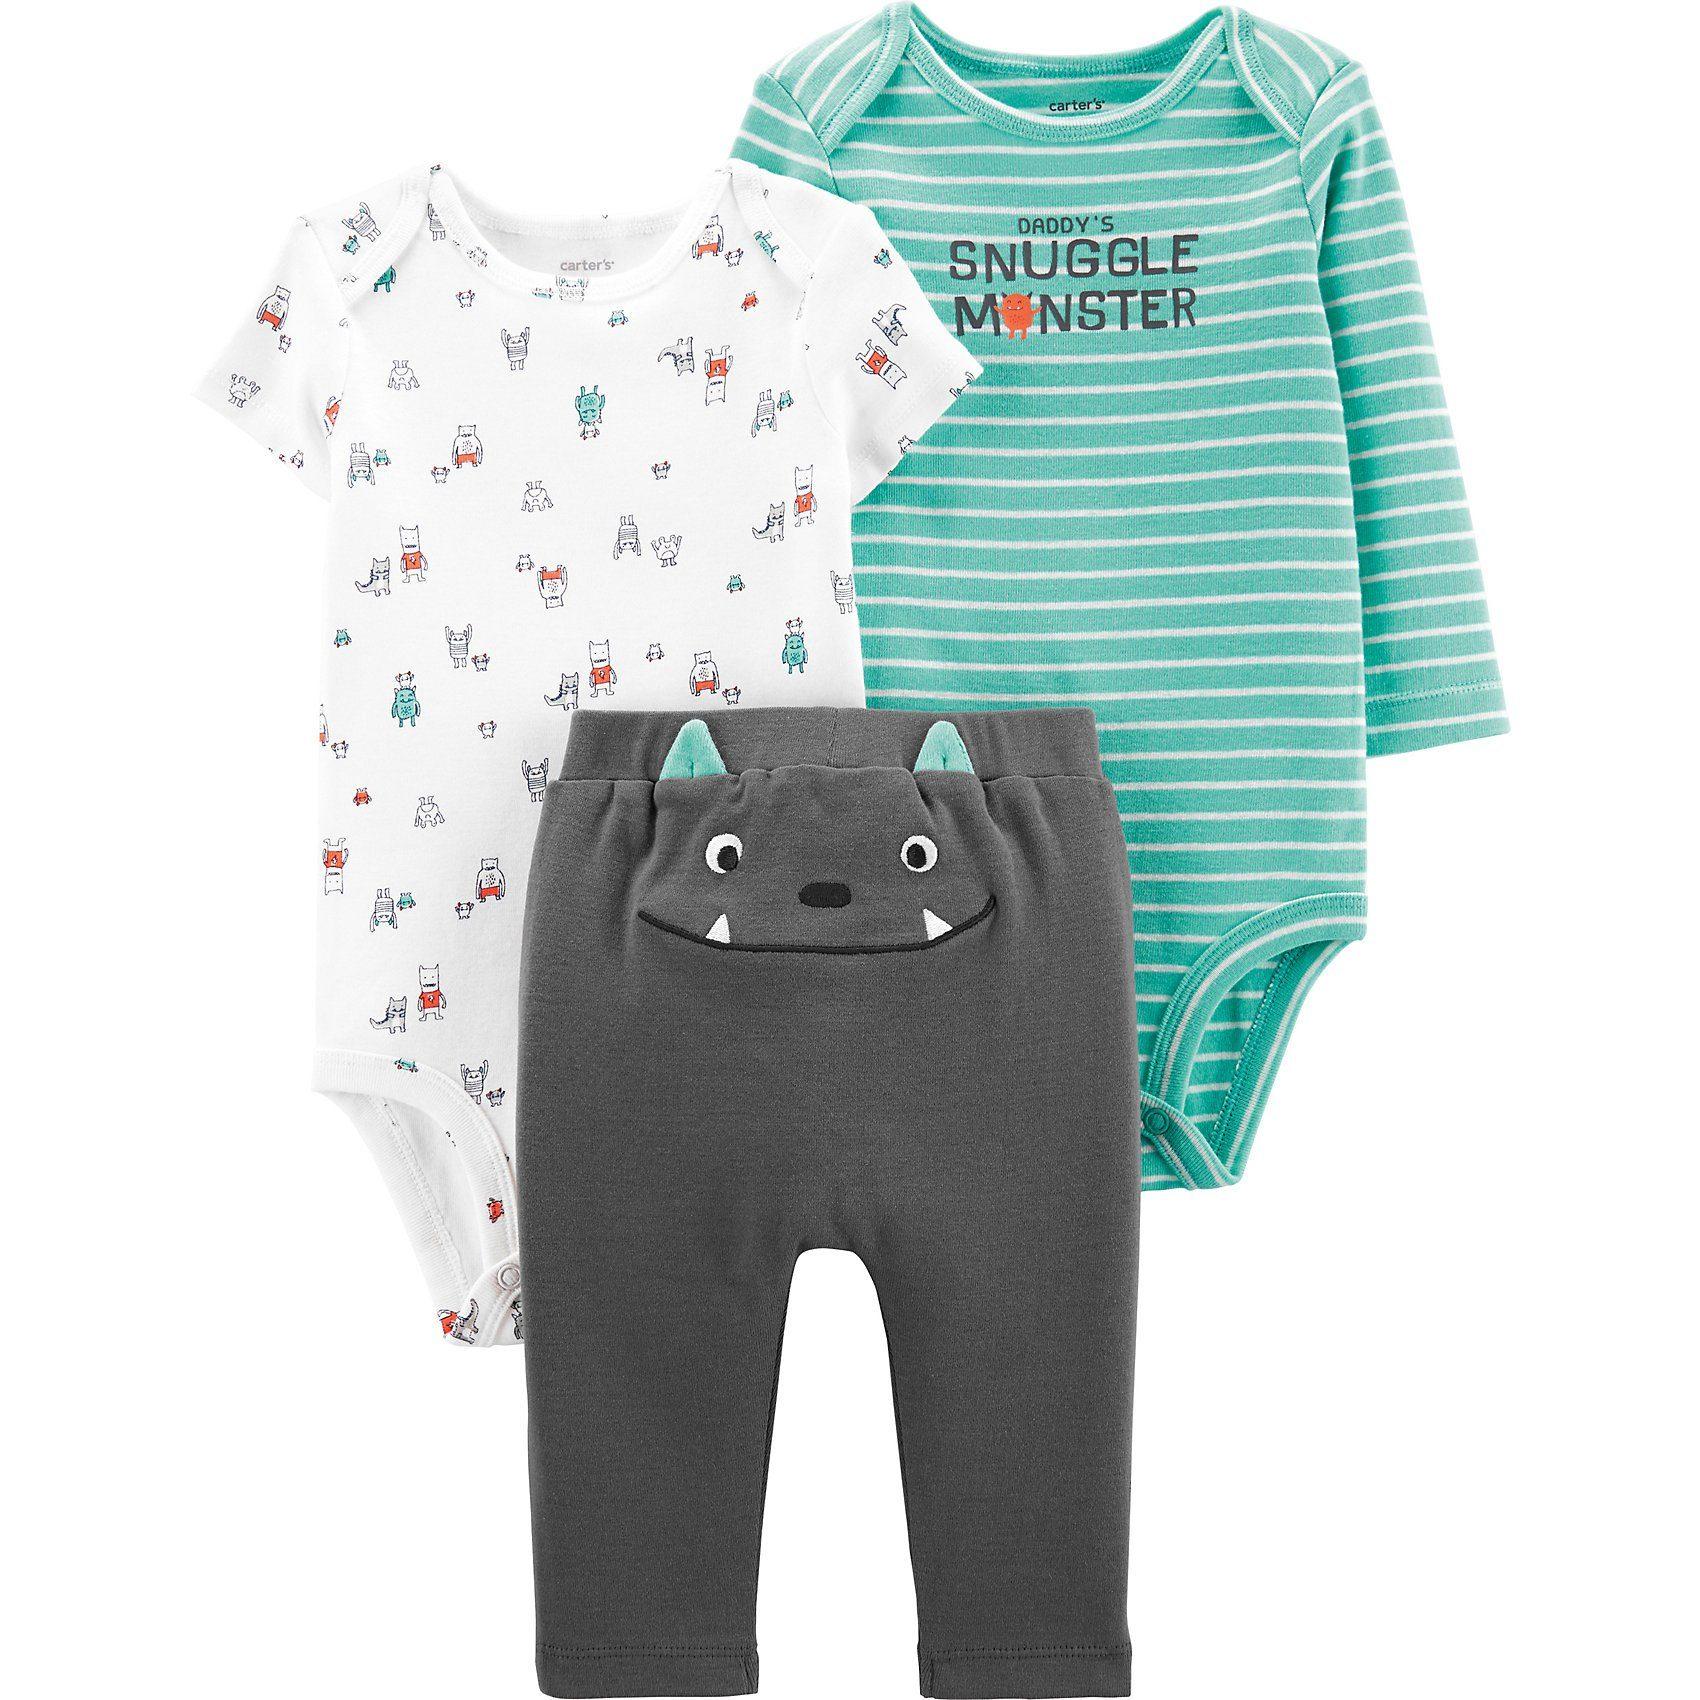 Baby Bekleidungsset mit Monster-Design